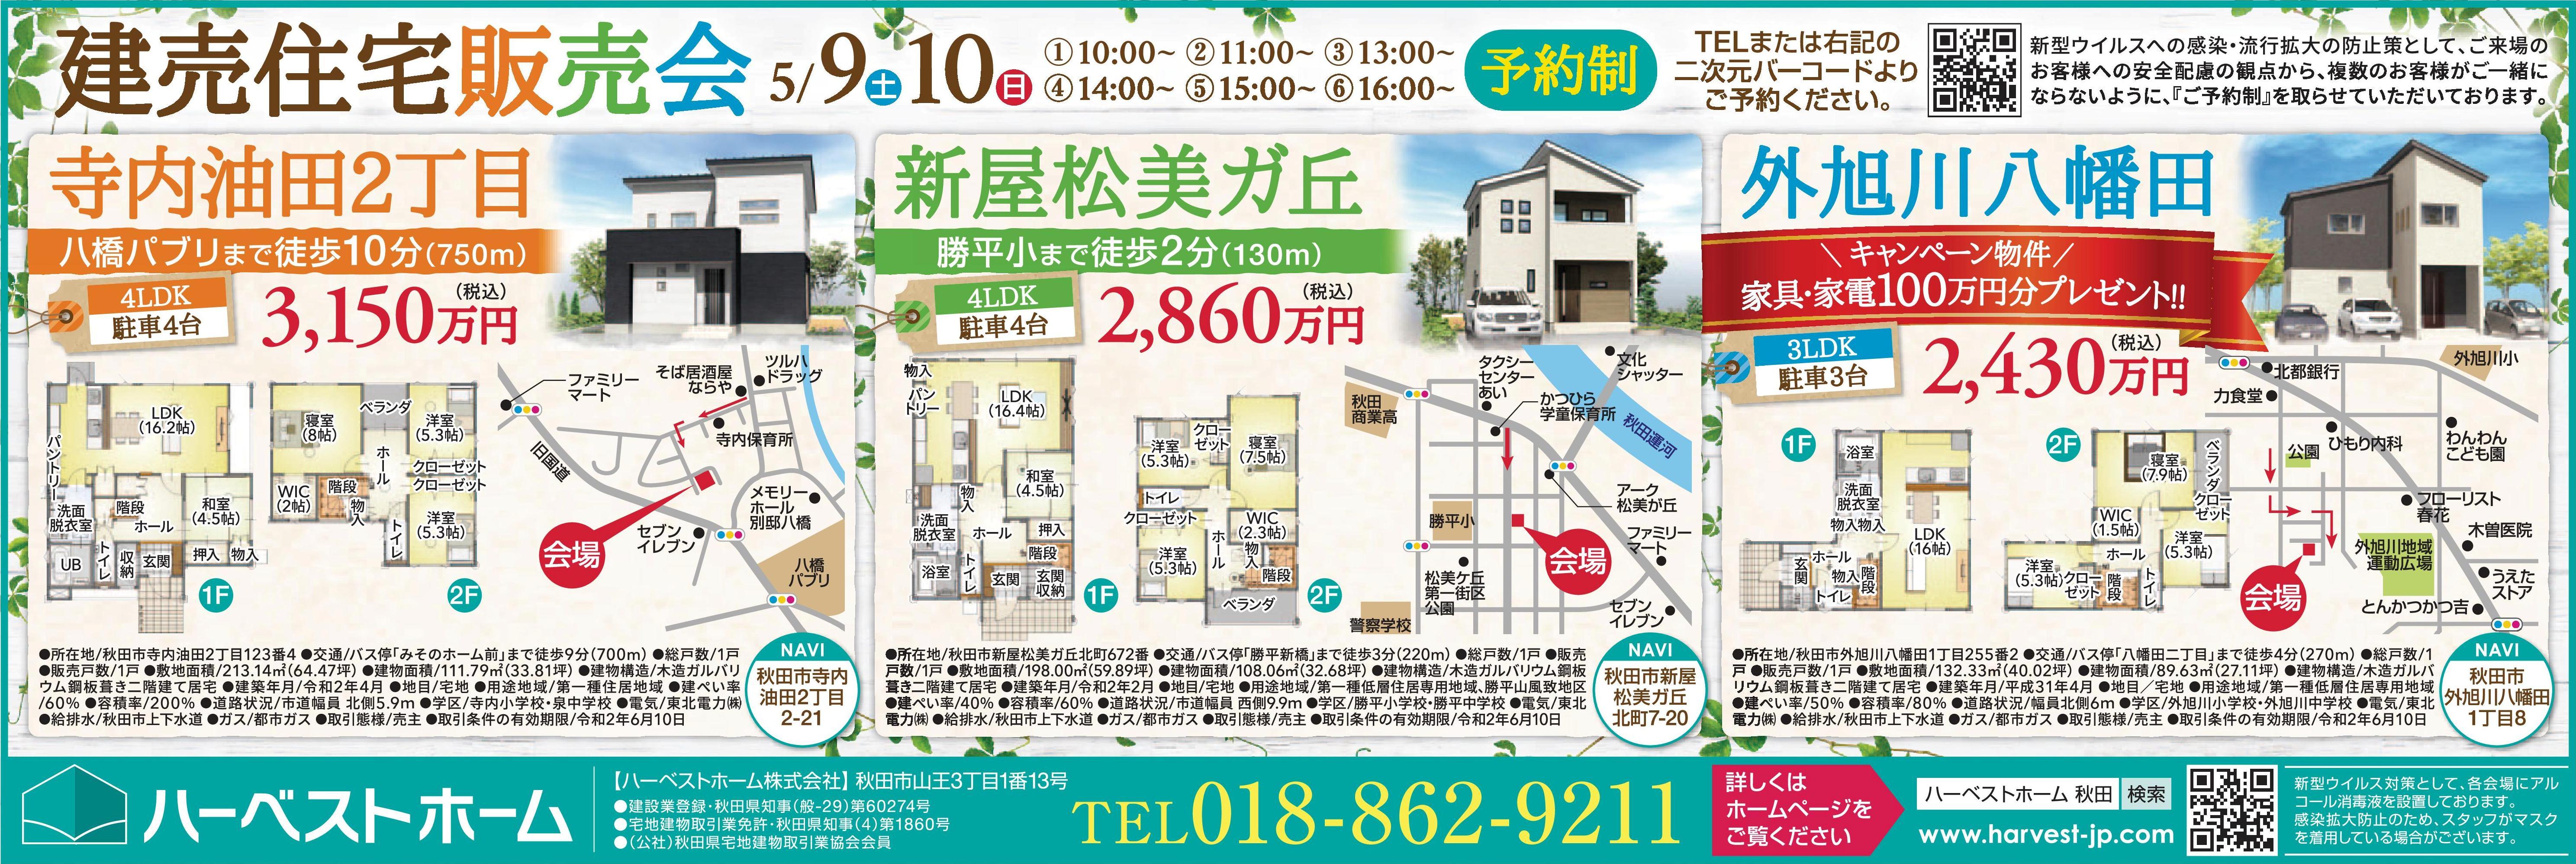 建売住宅3棟 見学会(キャンペーン期間中です)